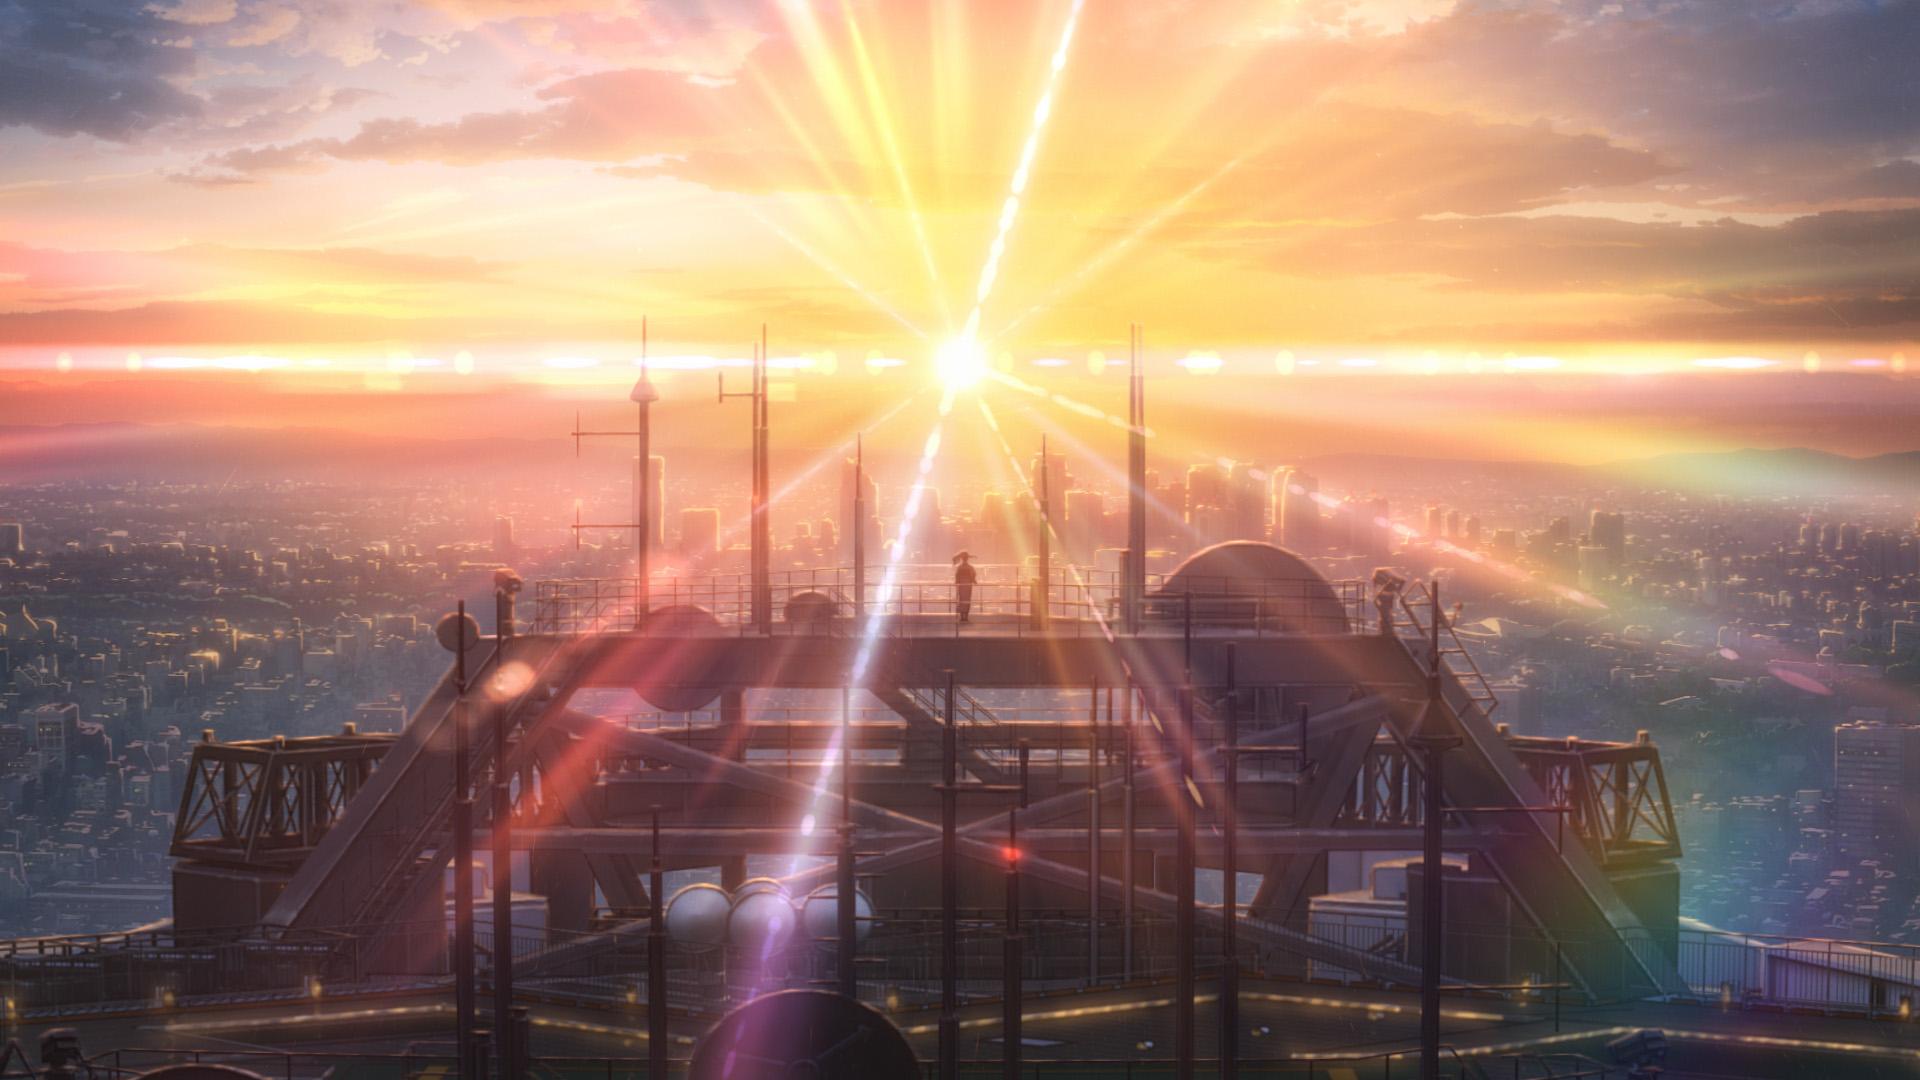 東京の街の美しさを映画に込めた グラスプ Grasp Produced By 国土